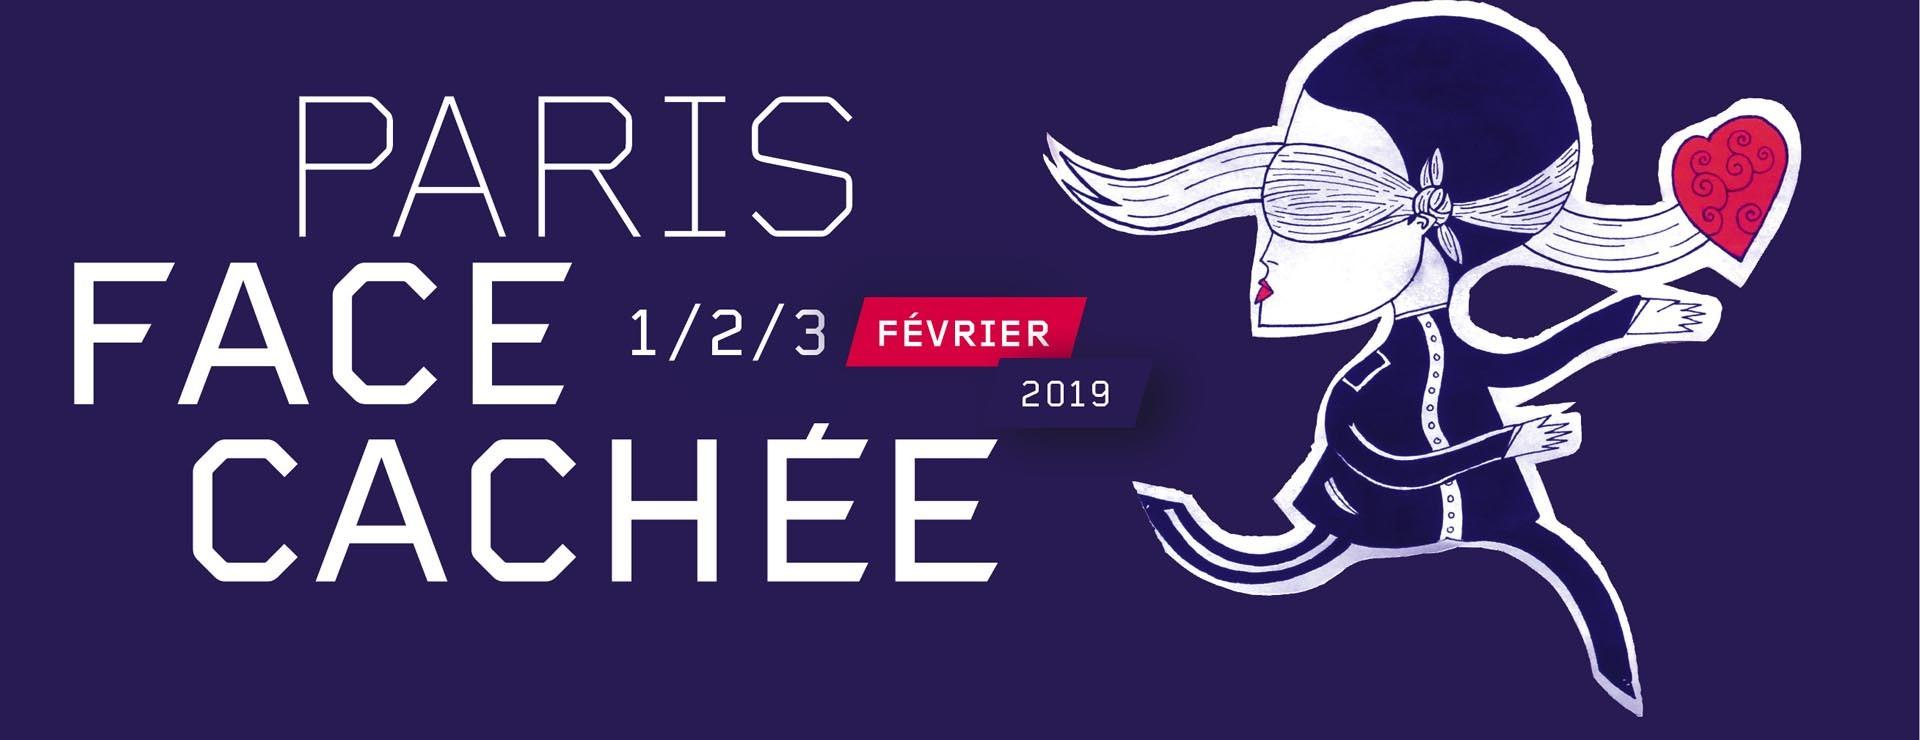 paris-face-cachee-381